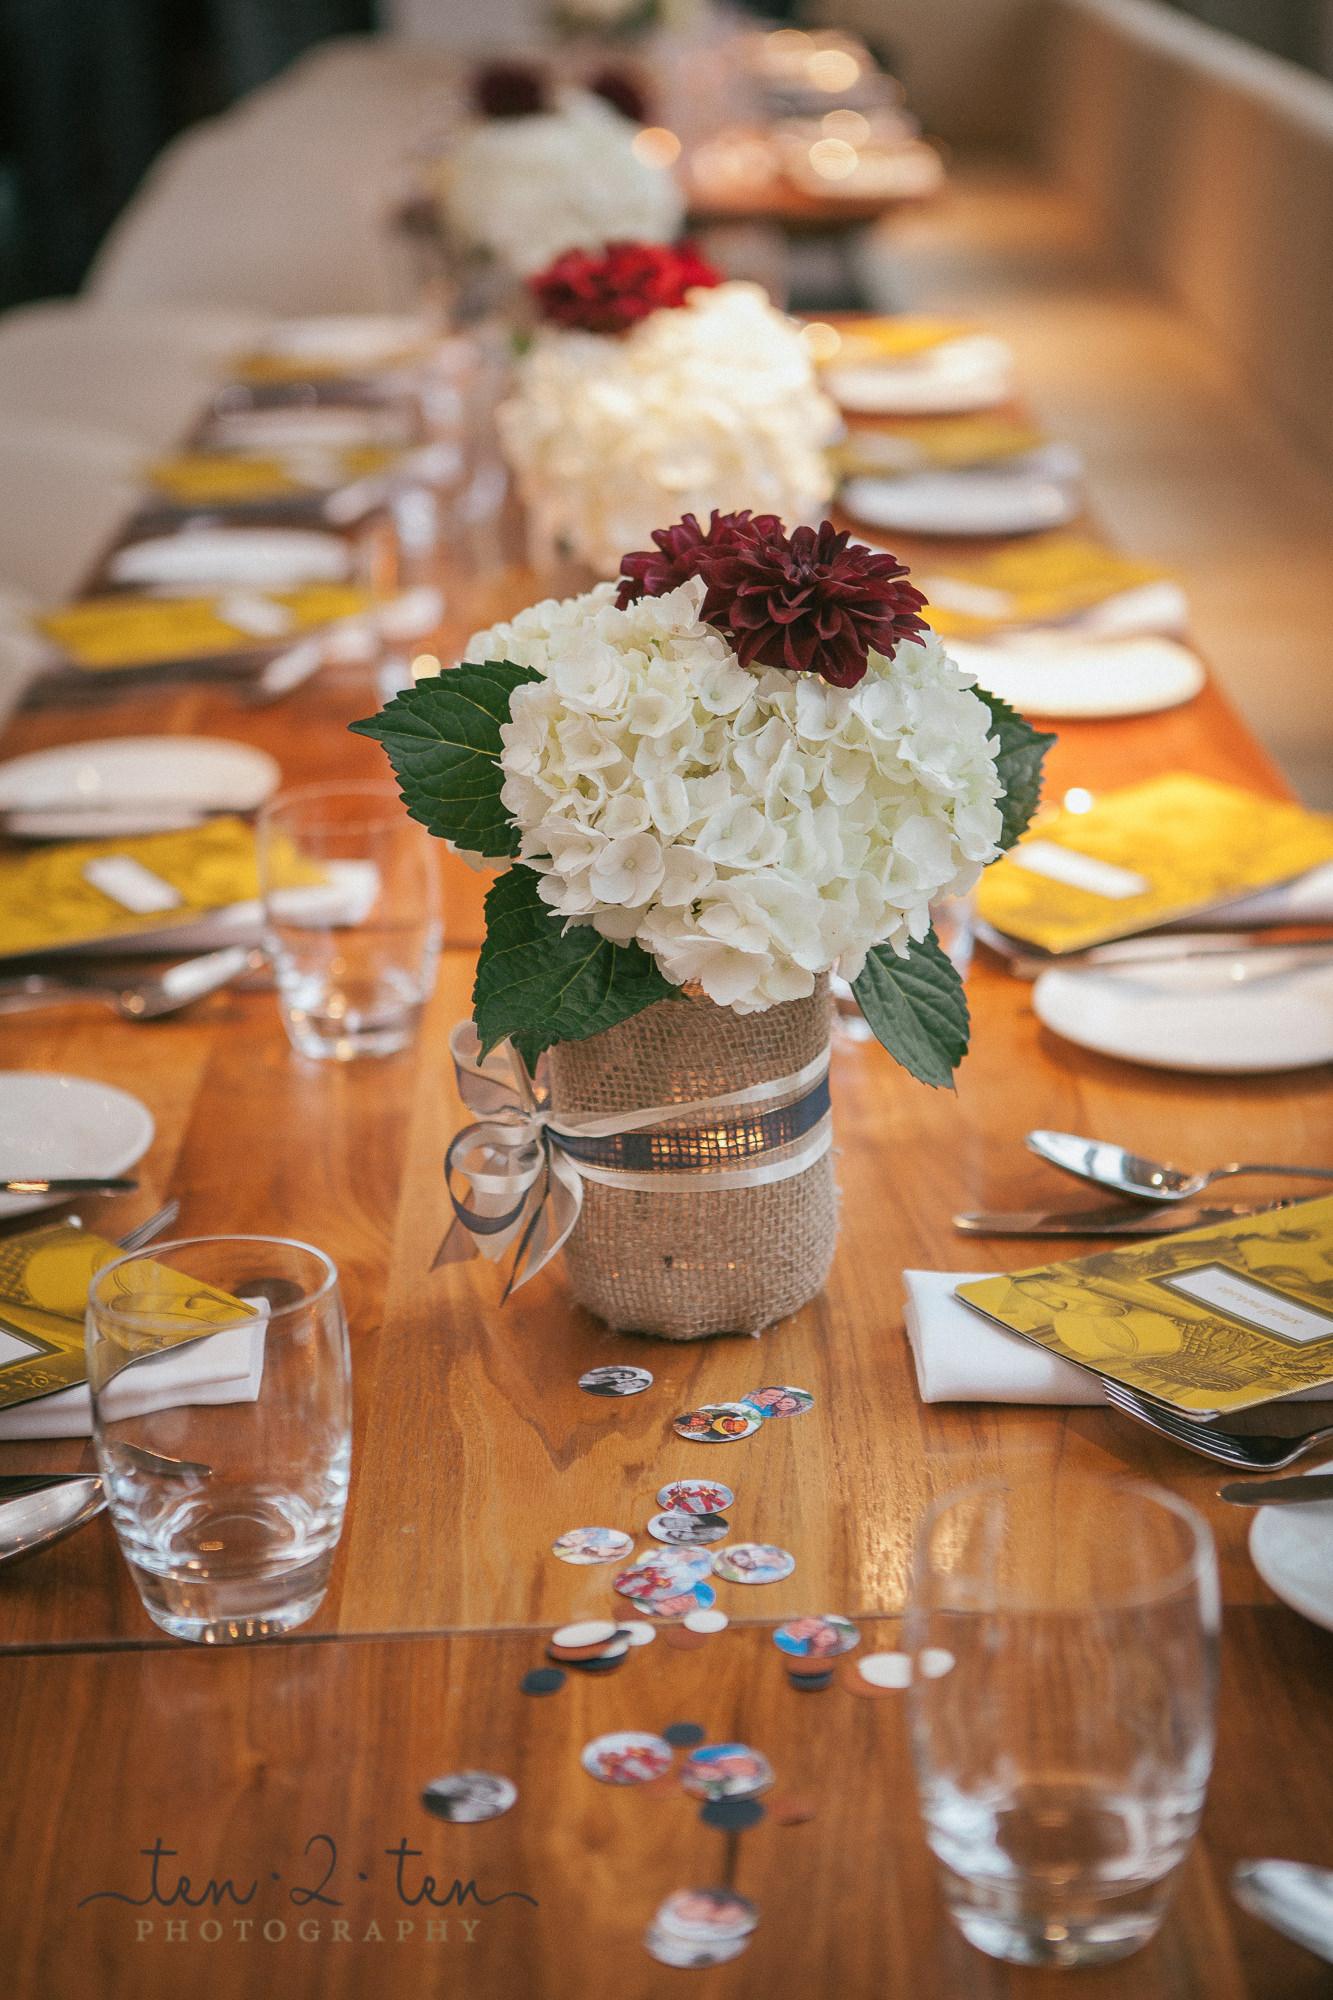 mildreds temple kitchen wedding photos 324 - Mildred's Temple Kitchen Wedding Photos